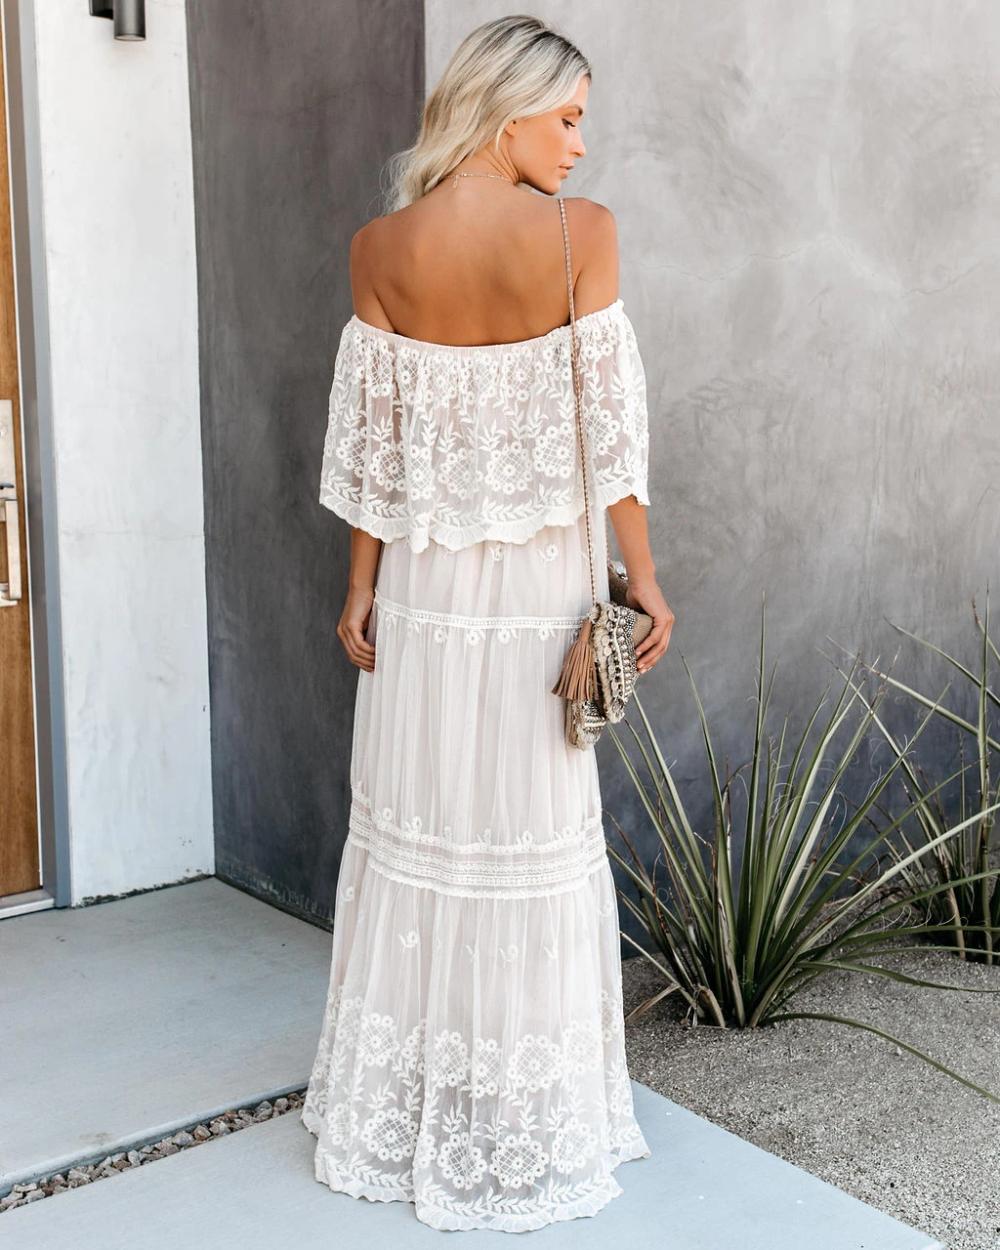 Dresses Vici In 2021 Lace Maxi Dress Maxi Dress Lace Maxi [ 1250 x 1000 Pixel ]